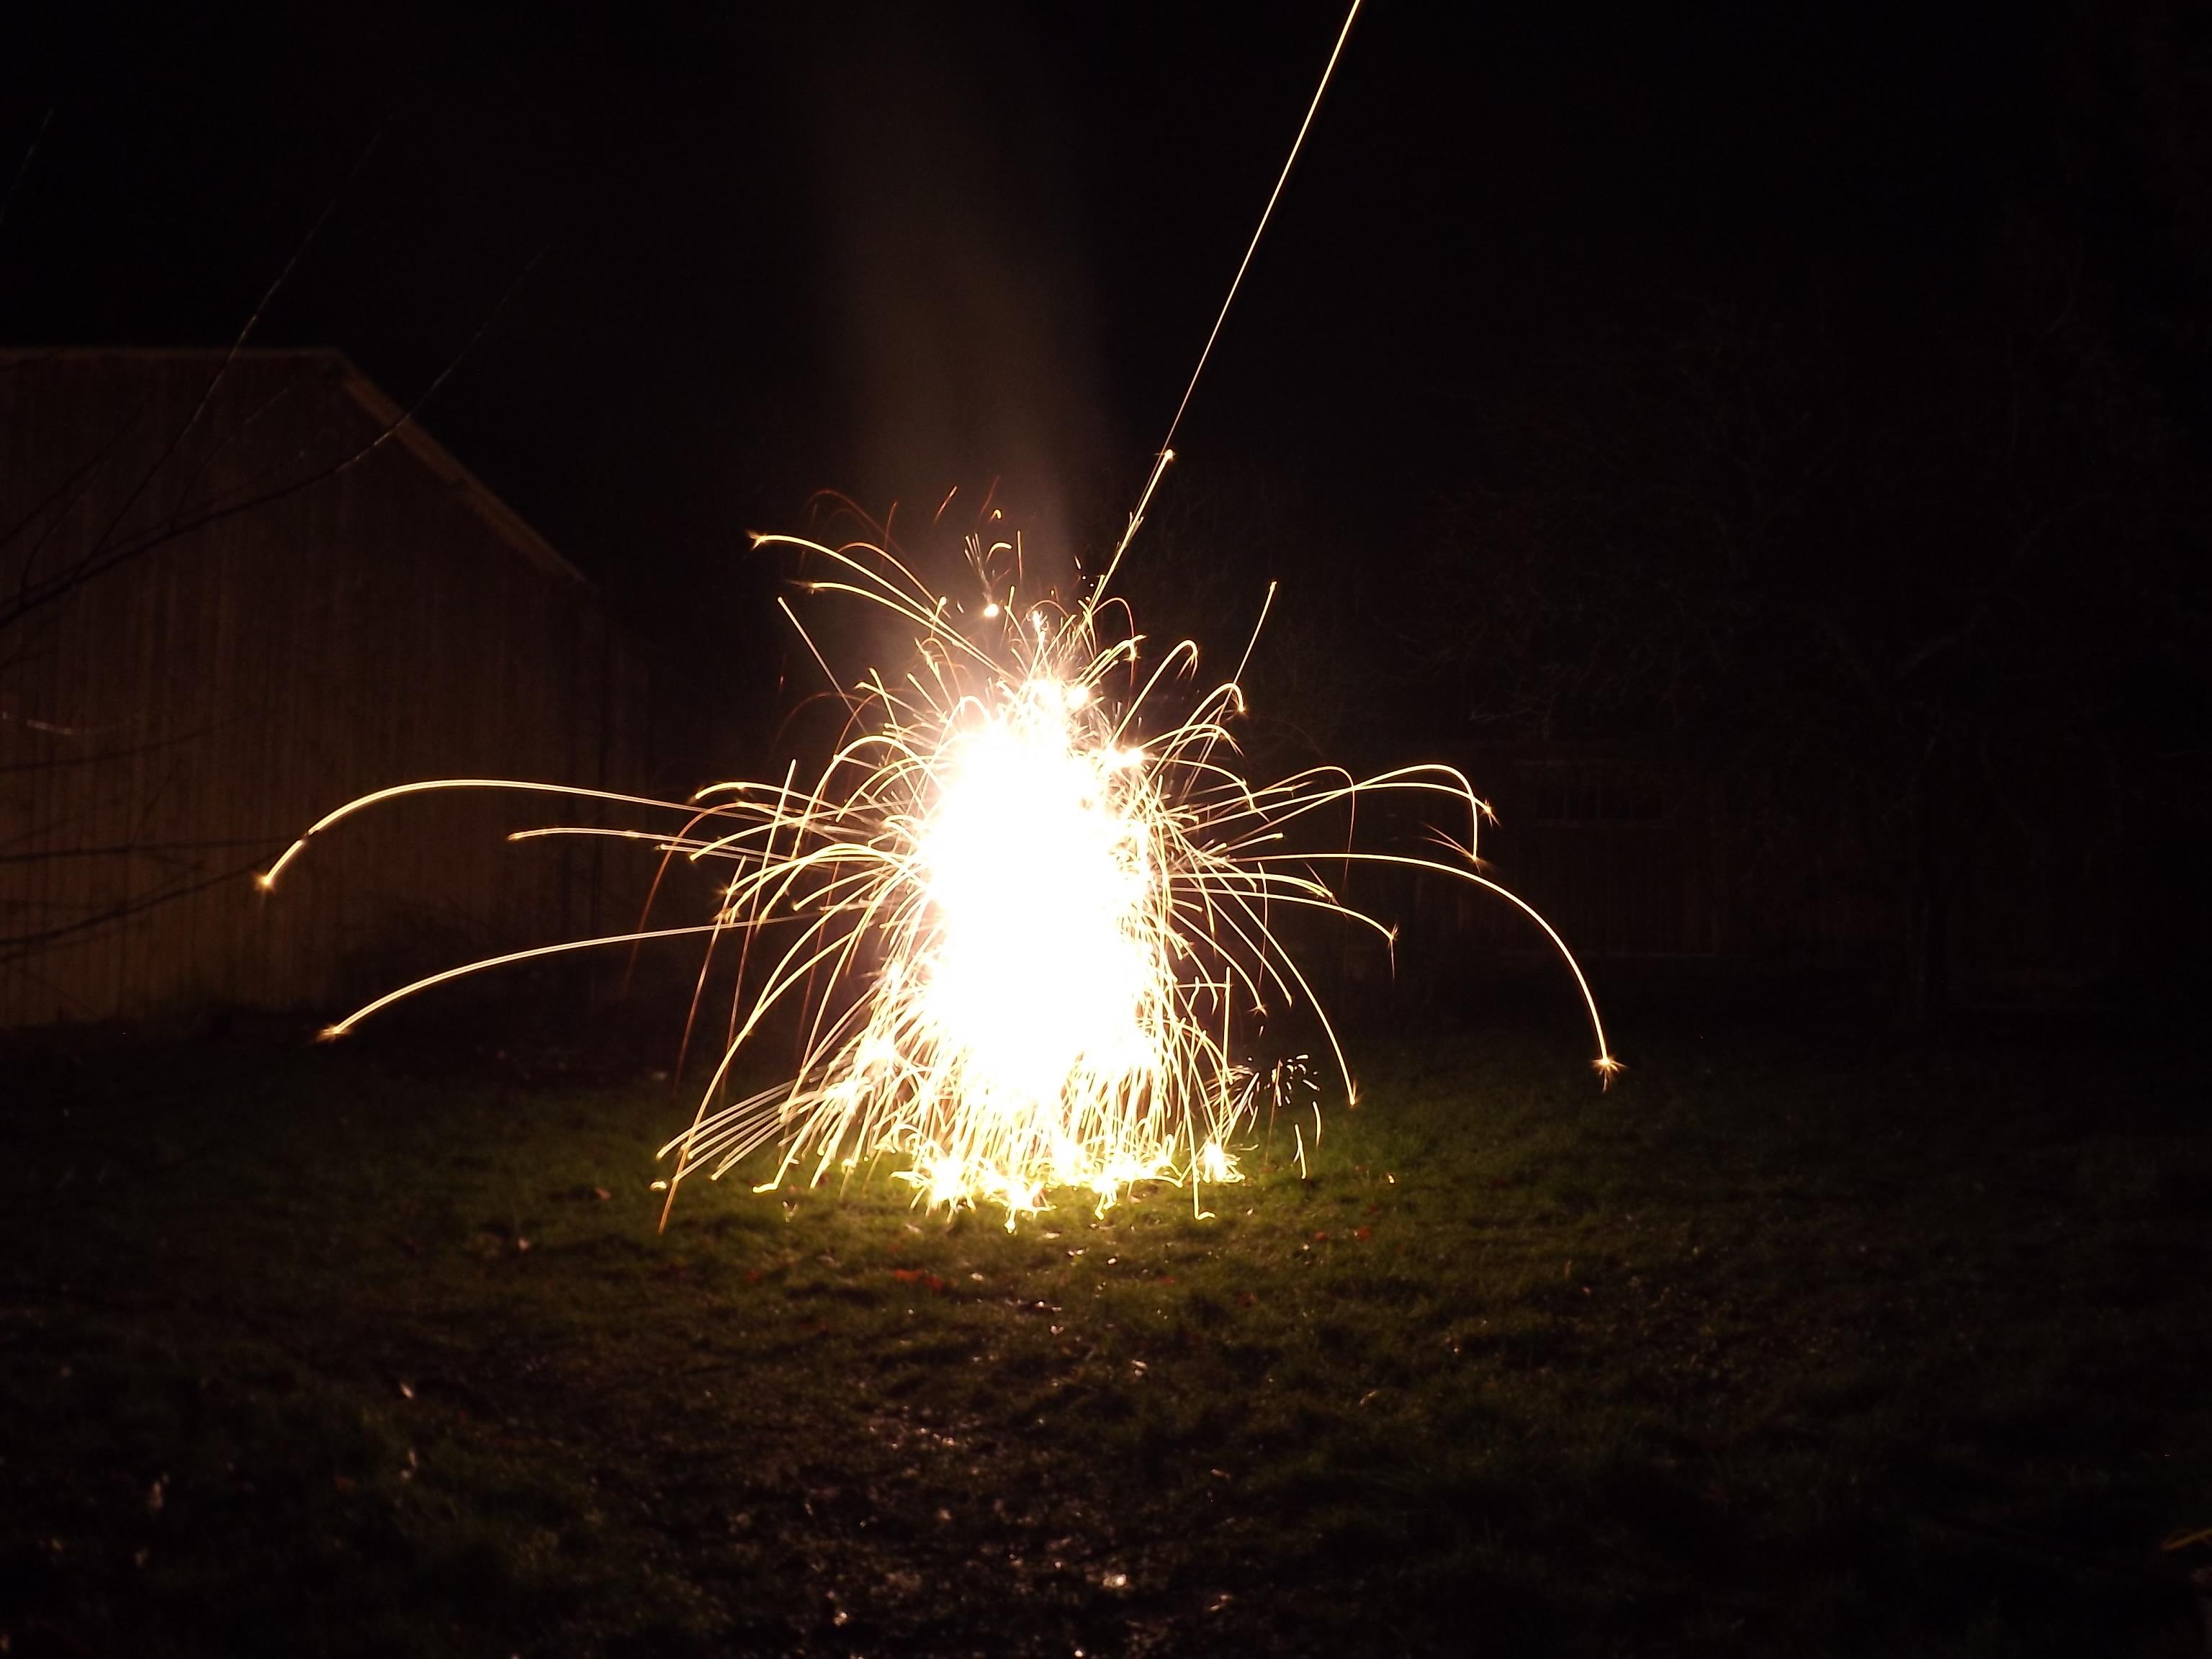 6731-feuerwerk-silvester-neujahr-crackling